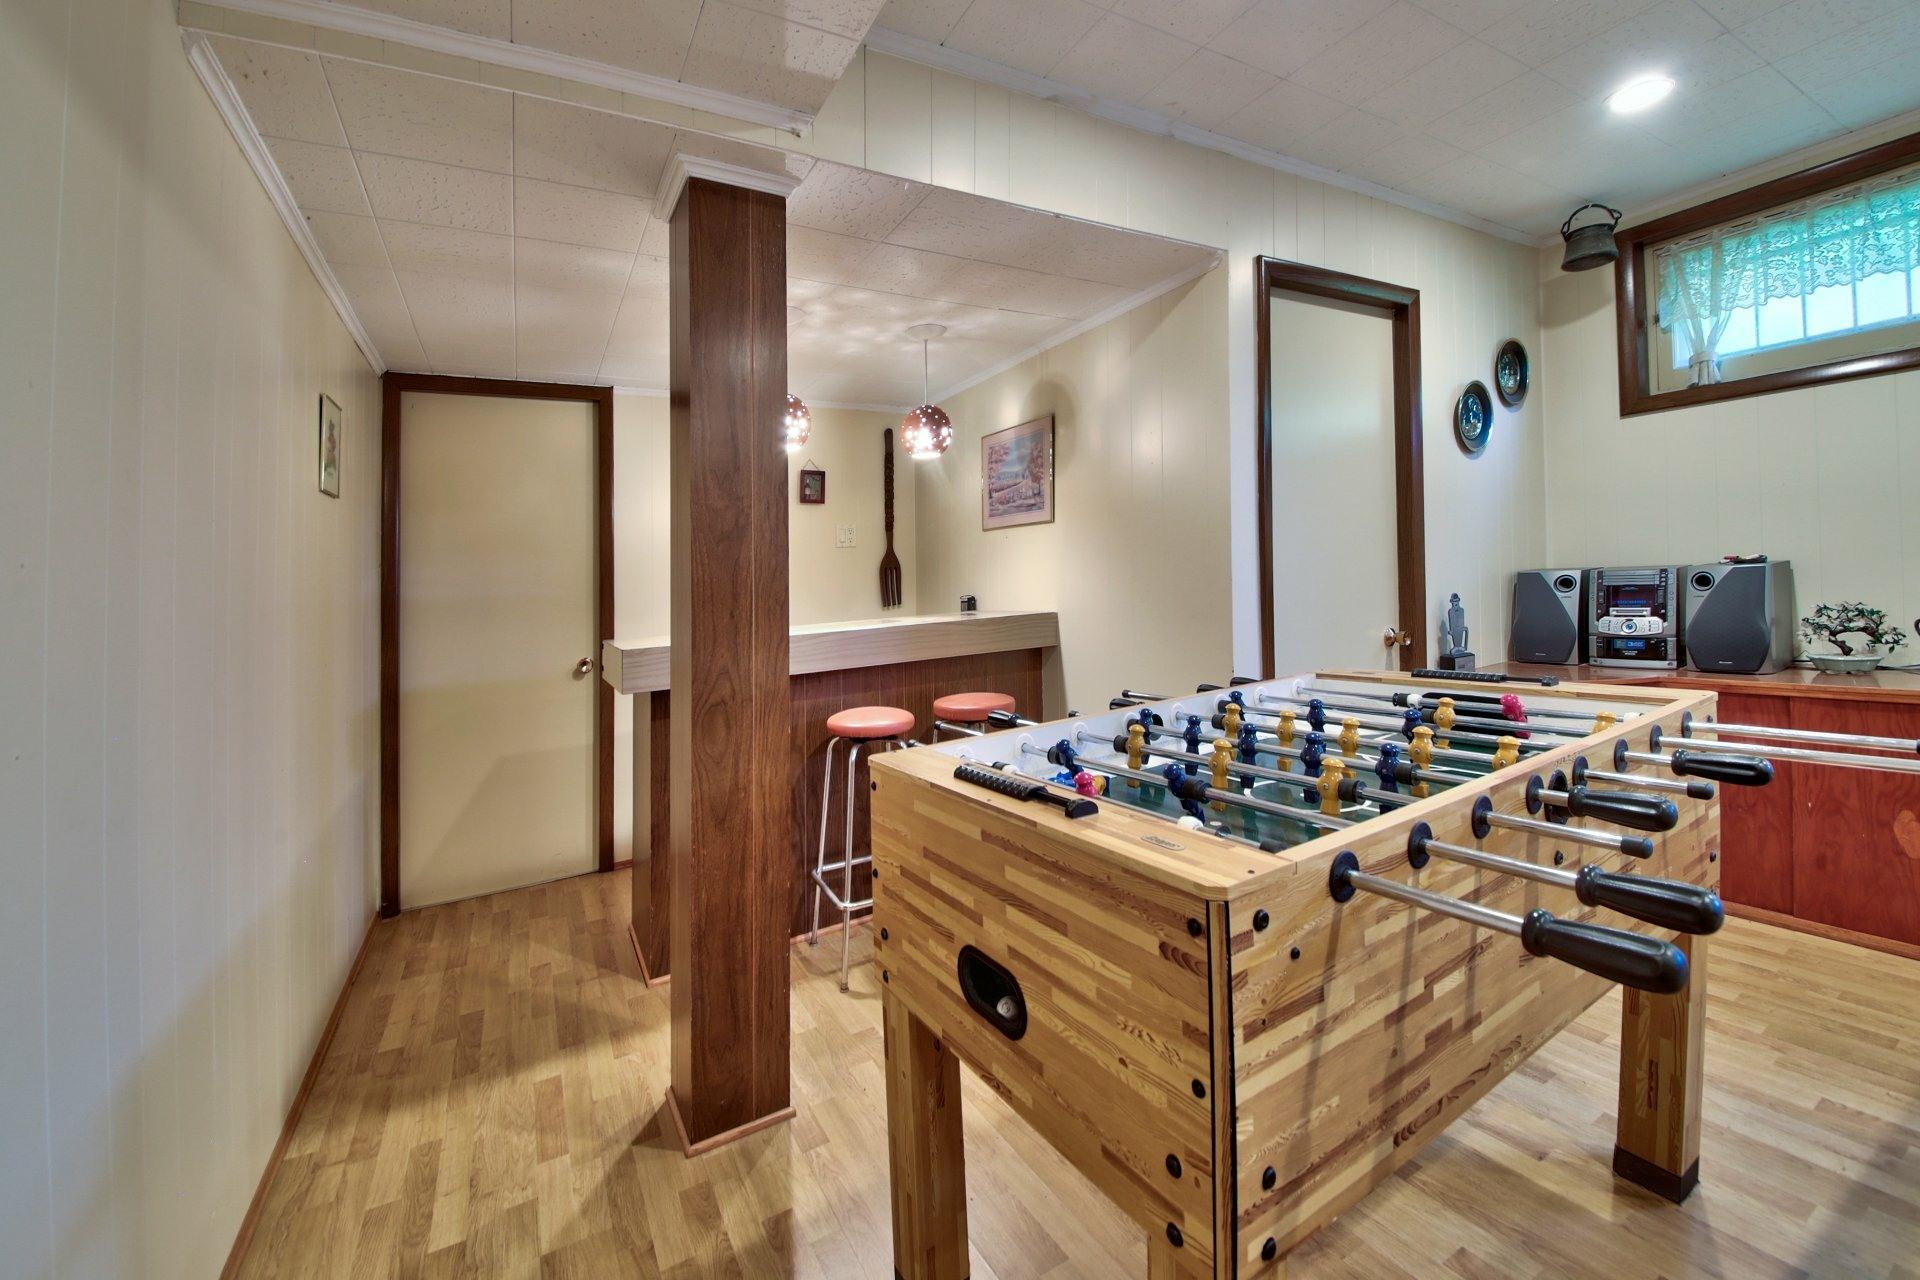 image 20 - House For sale Ahuntsic-Cartierville Montréal  - 11 rooms